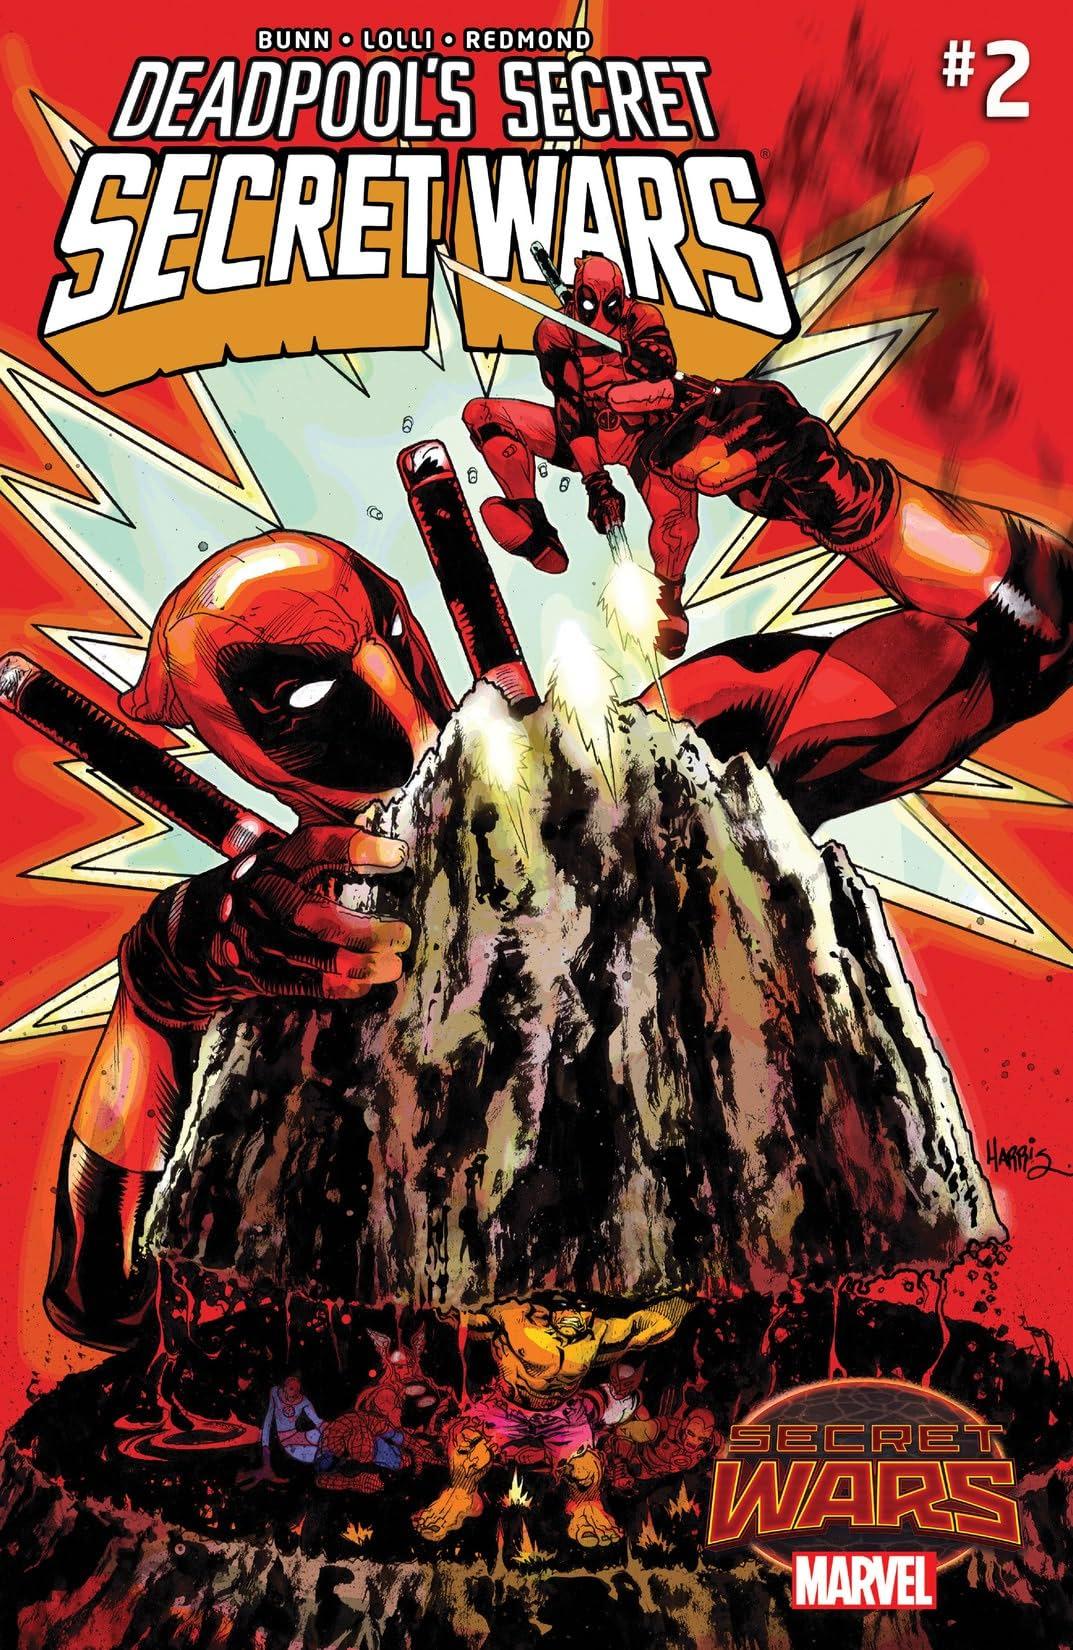 Deadpool's Secret Secret Wars #2 (of 4)